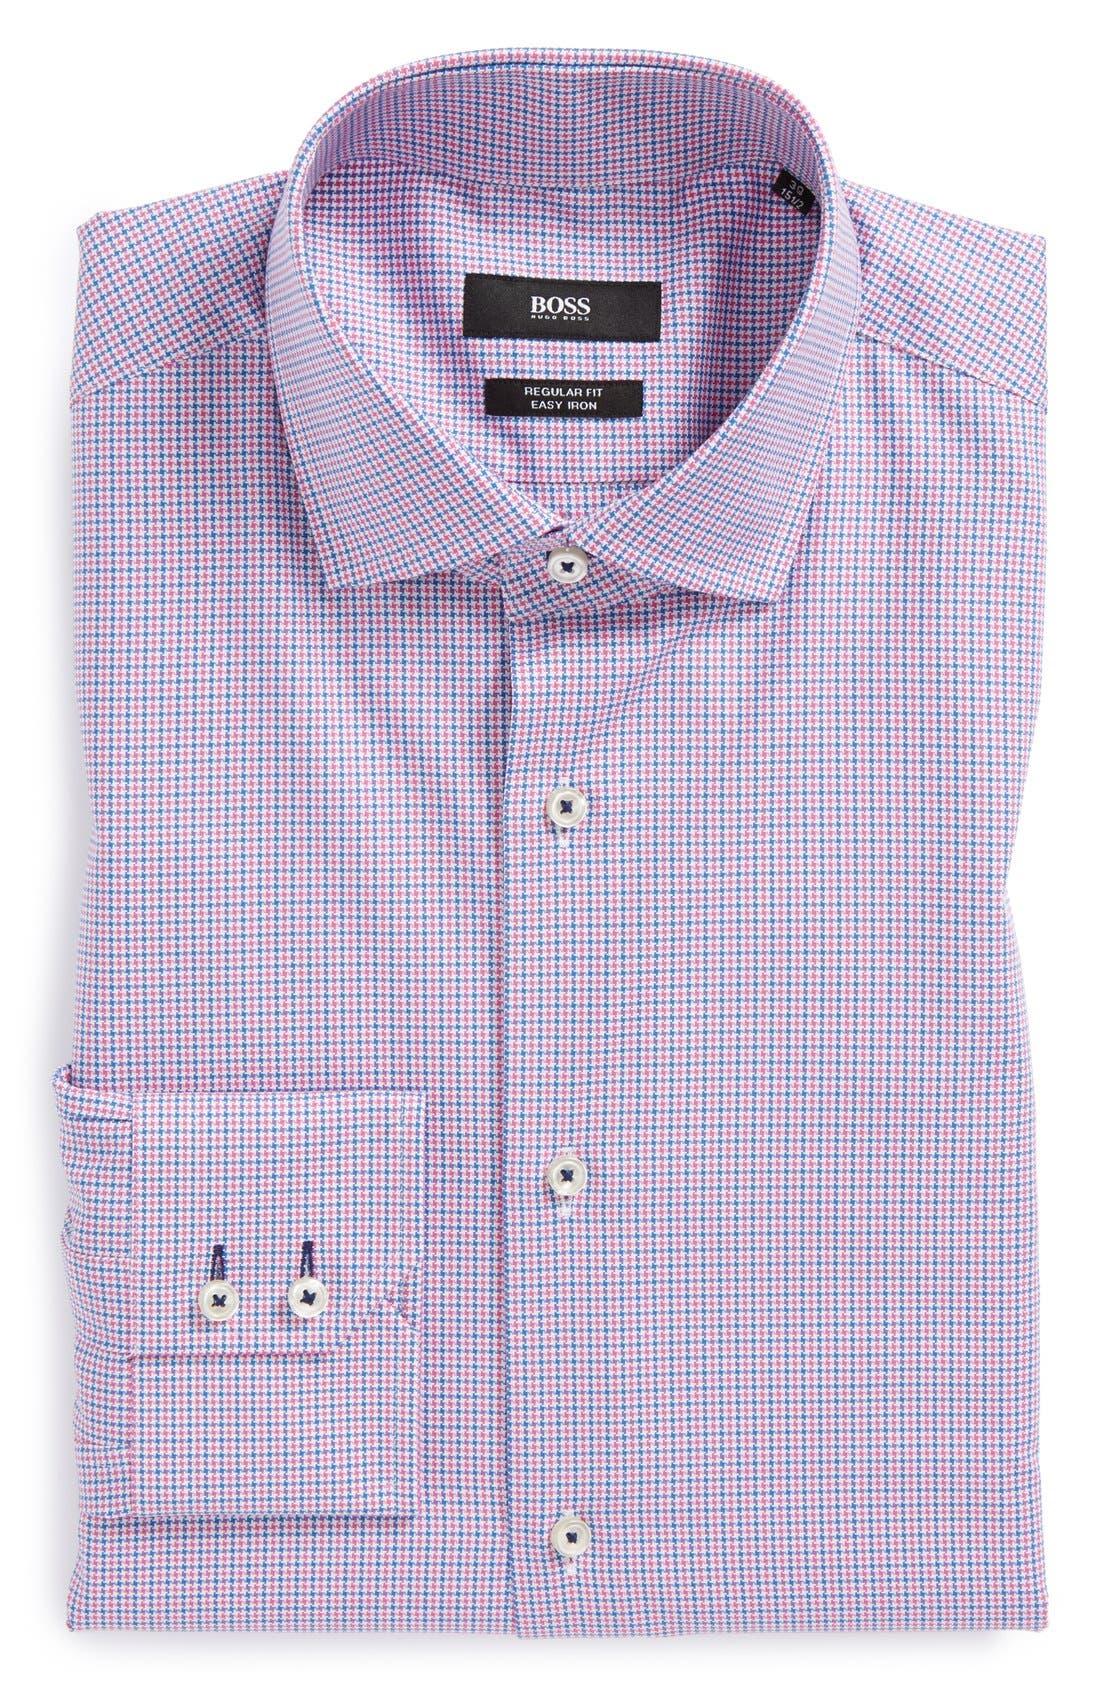 Main Image - BOSS HUGO BOSS 'Gorman' Easy Iron WW Regular Fit Houndstooth Dress Shirt